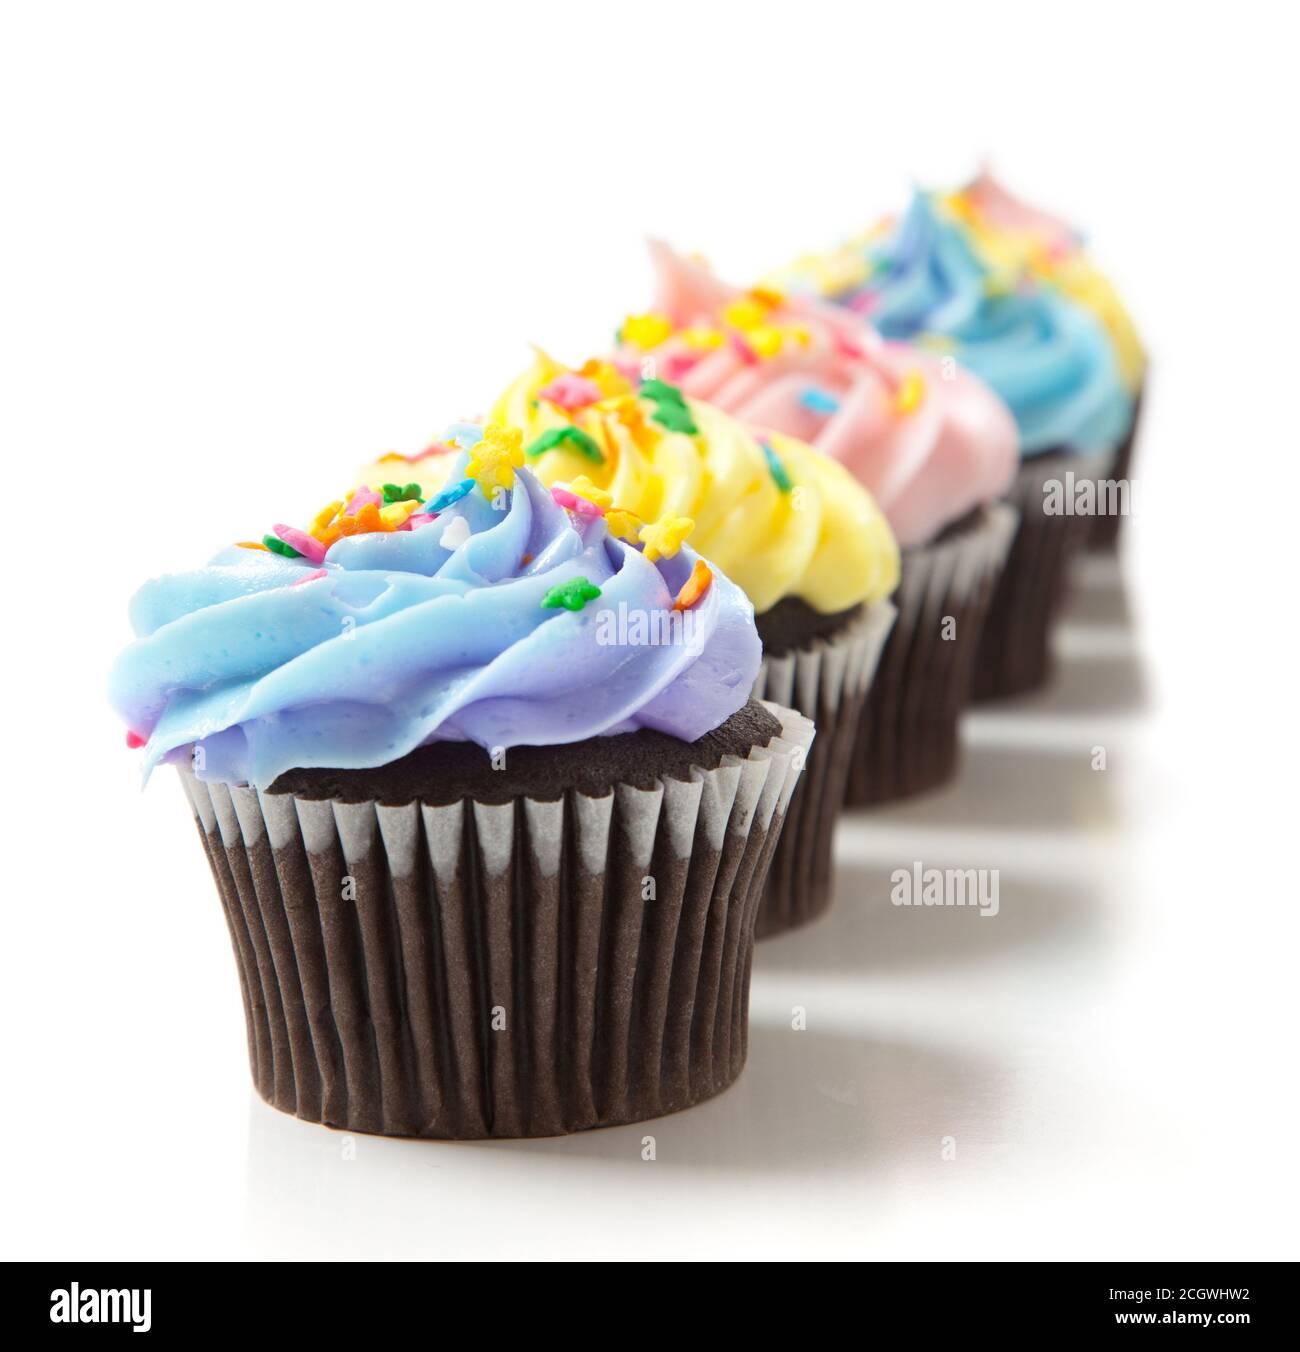 Petits gâteaux pastel sur fond blanc. Pâtisserie, décoration Banque D'Images